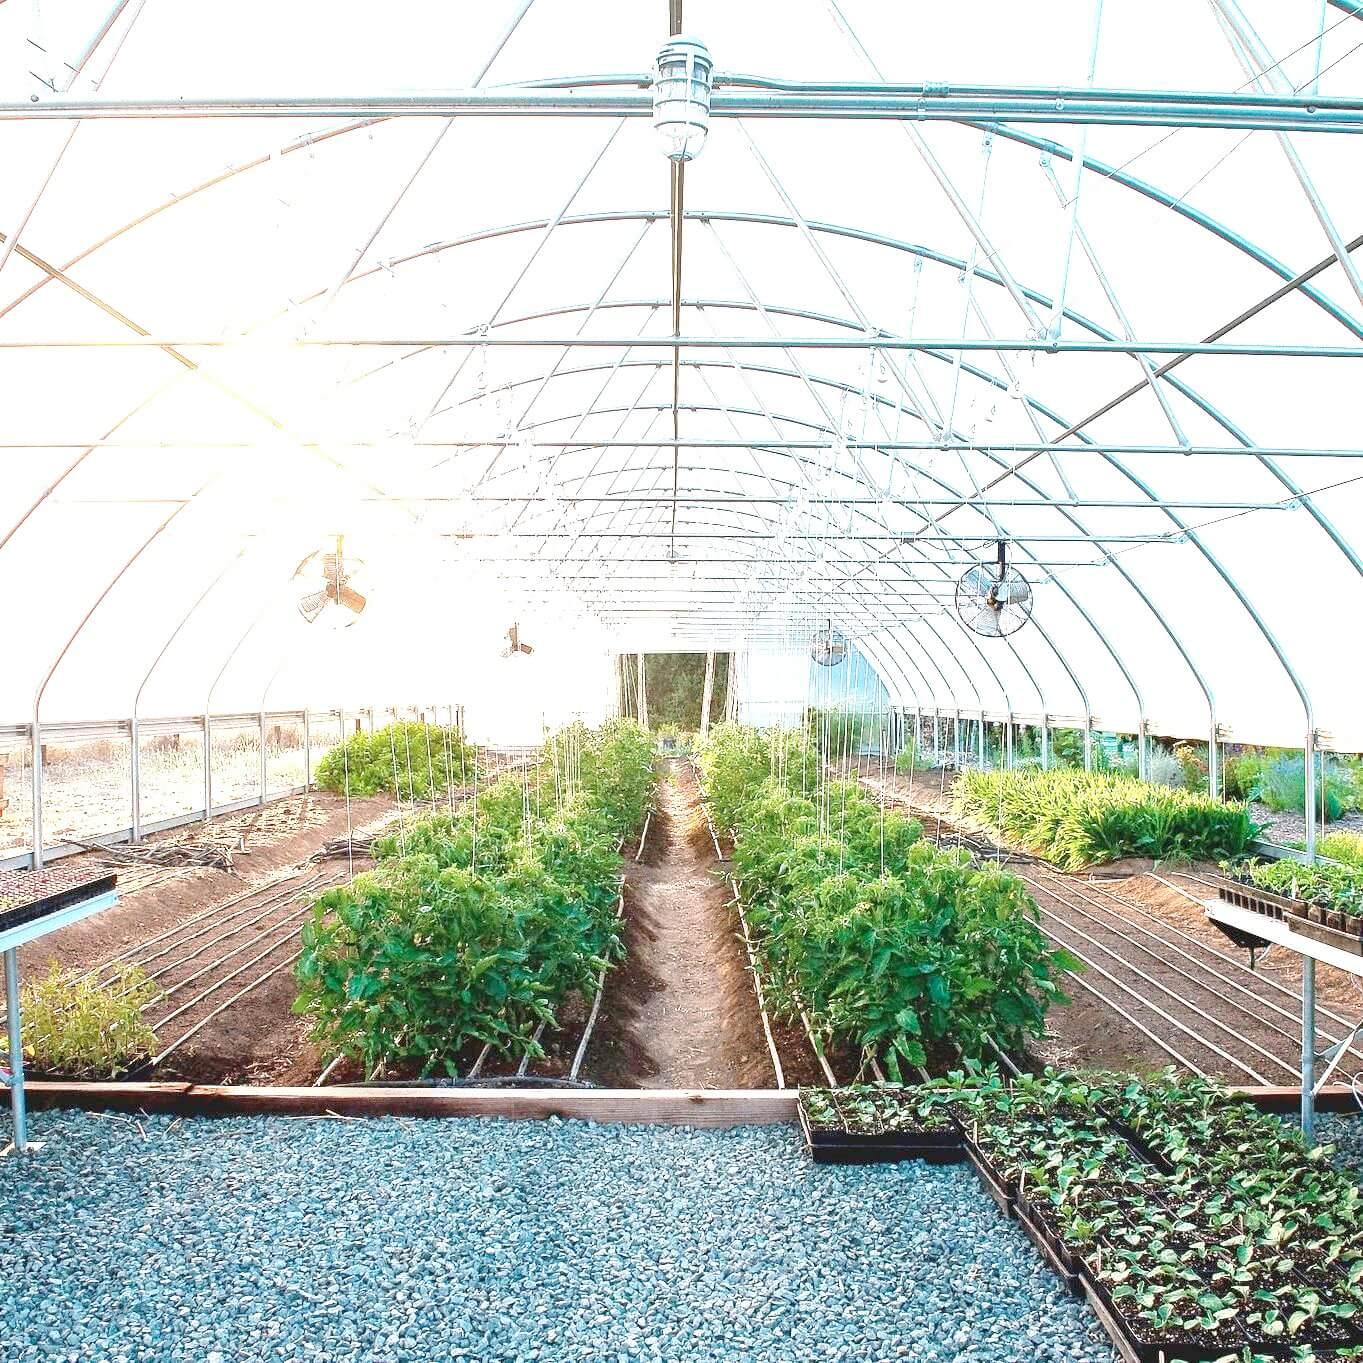 ビニールハウス栽培で温度を管理するには? 作物に合った環境づくりを